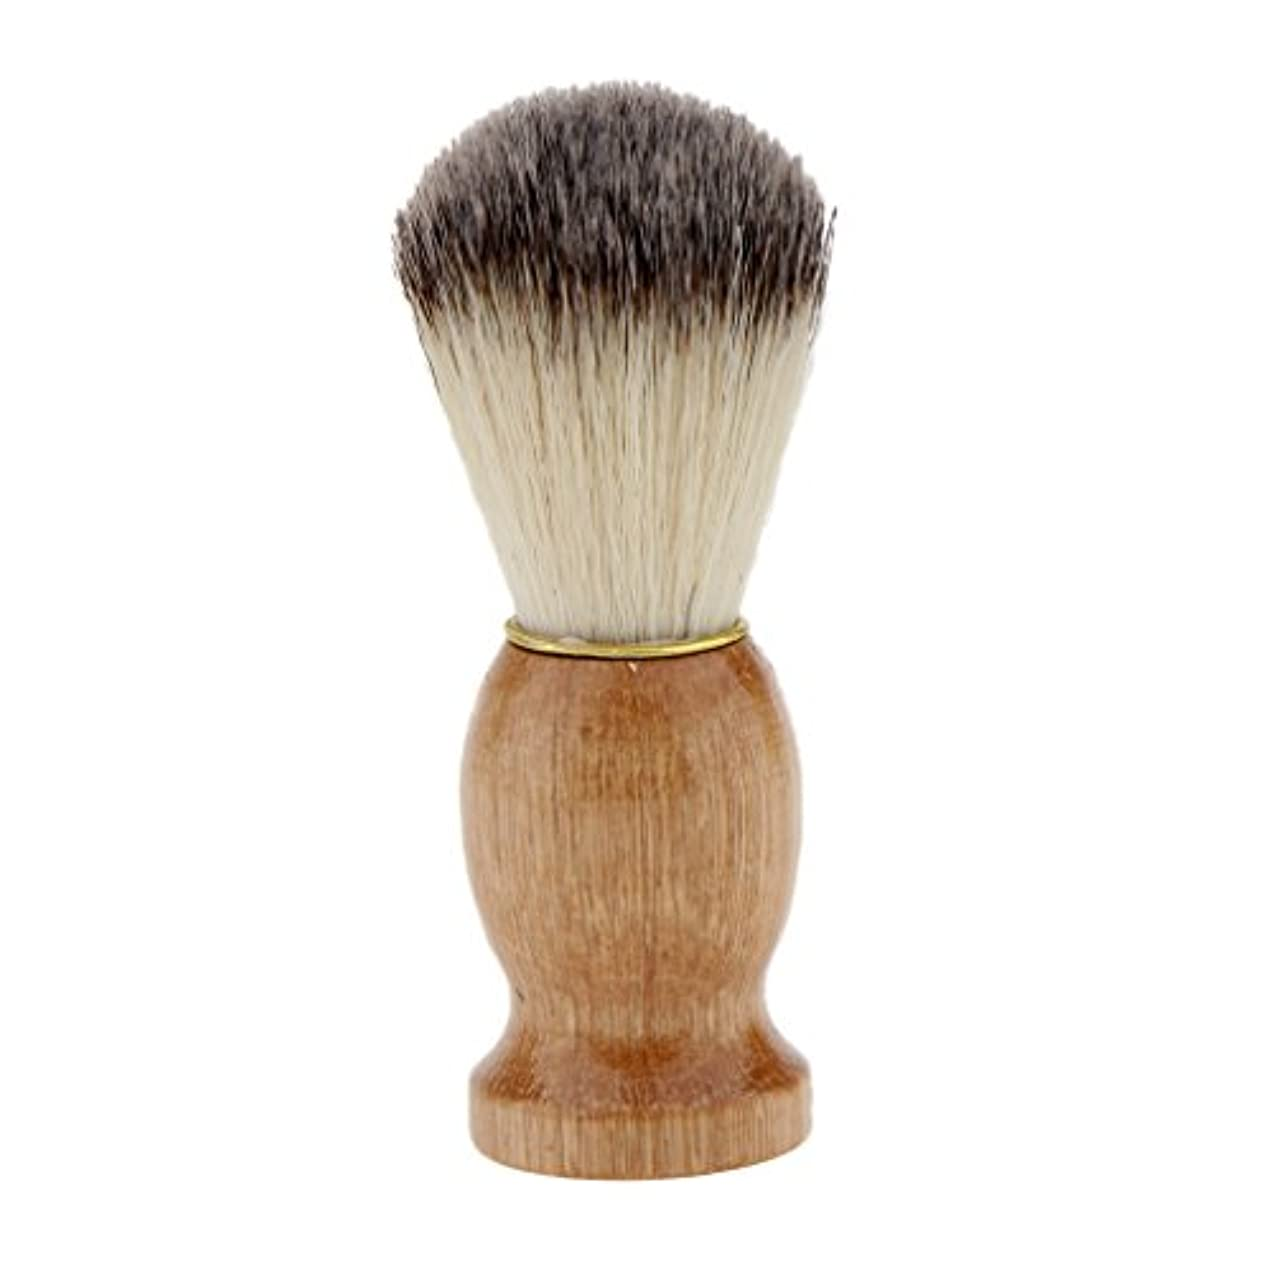 証明状況先住民木のハンドルは、男性のための毛のひげ剃りブラシ毛のひげを切るダストクレンジング